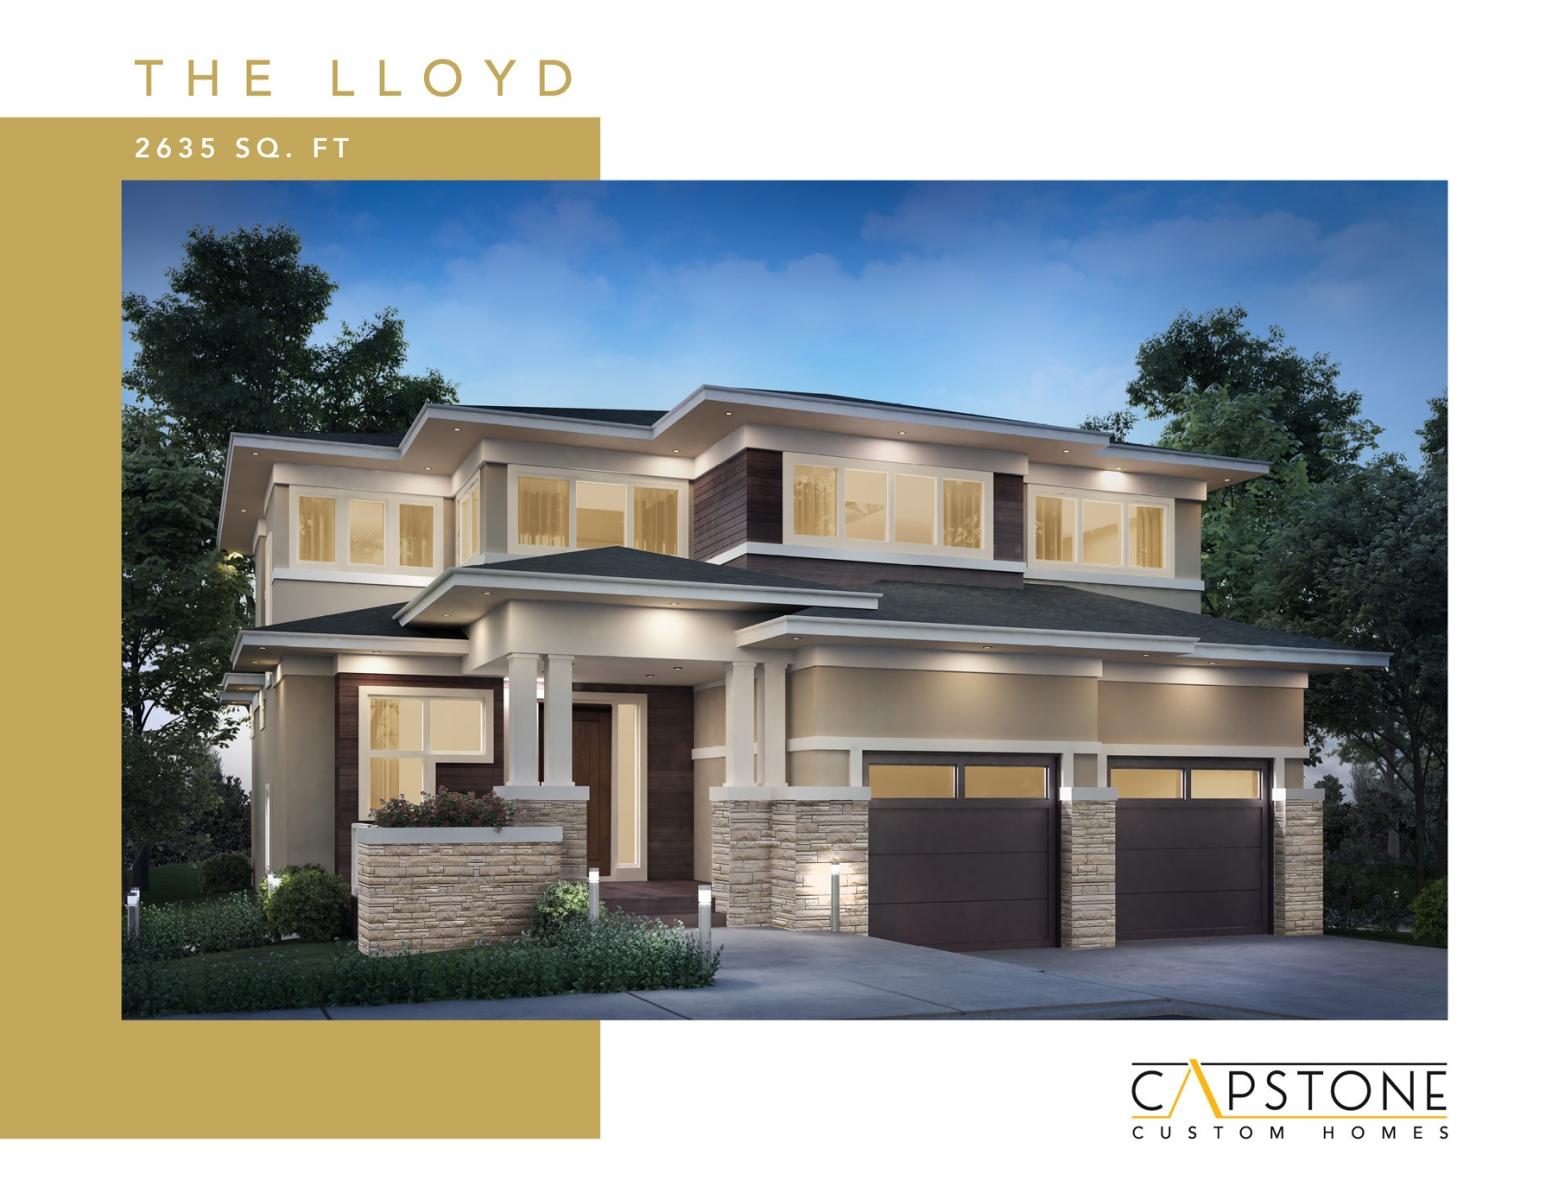 The Lloyd